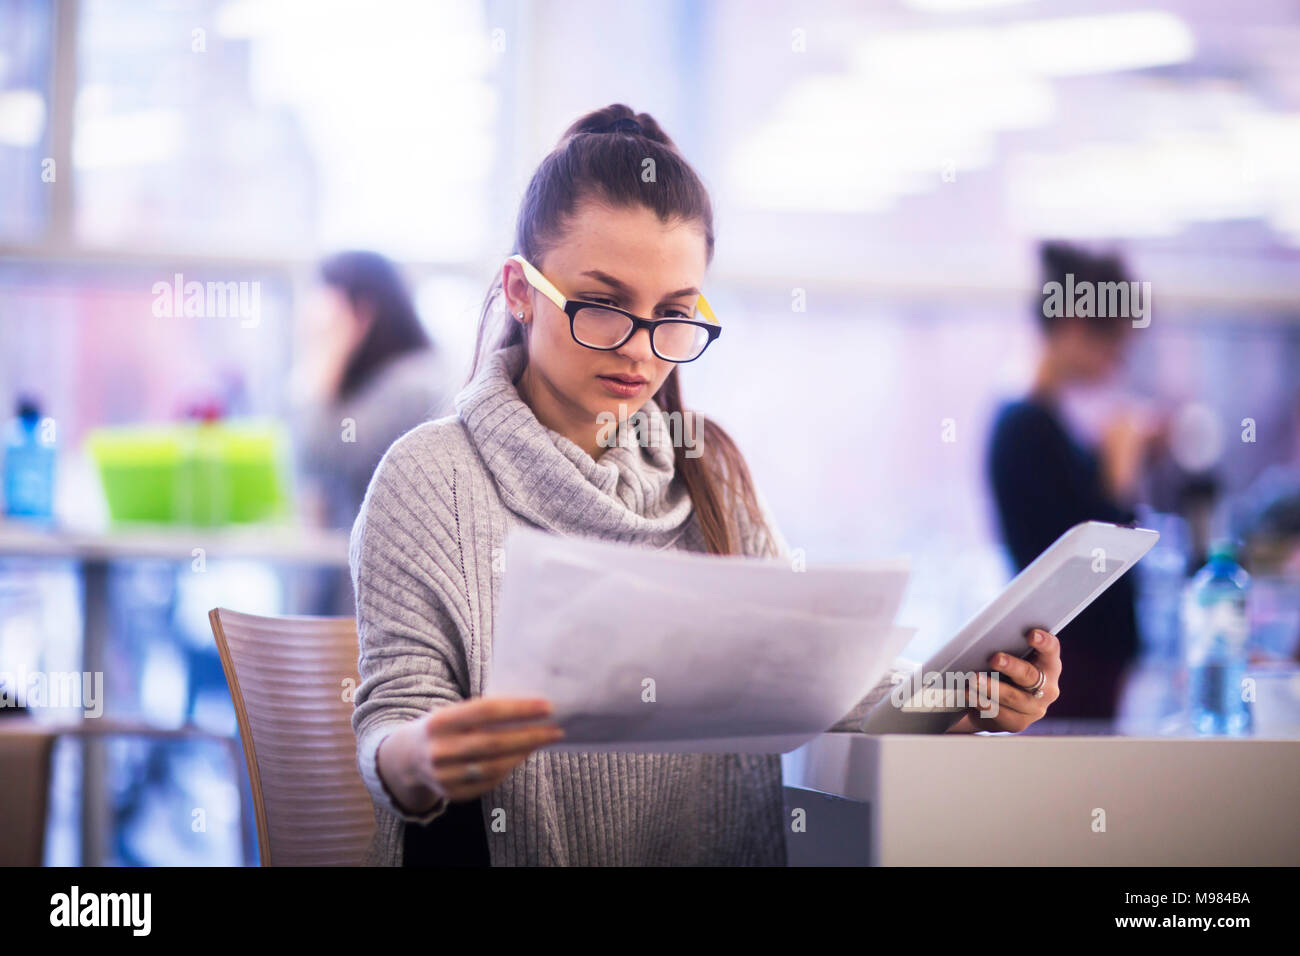 Ritratto di giovane donna lavora in un ufficio Immagini Stock